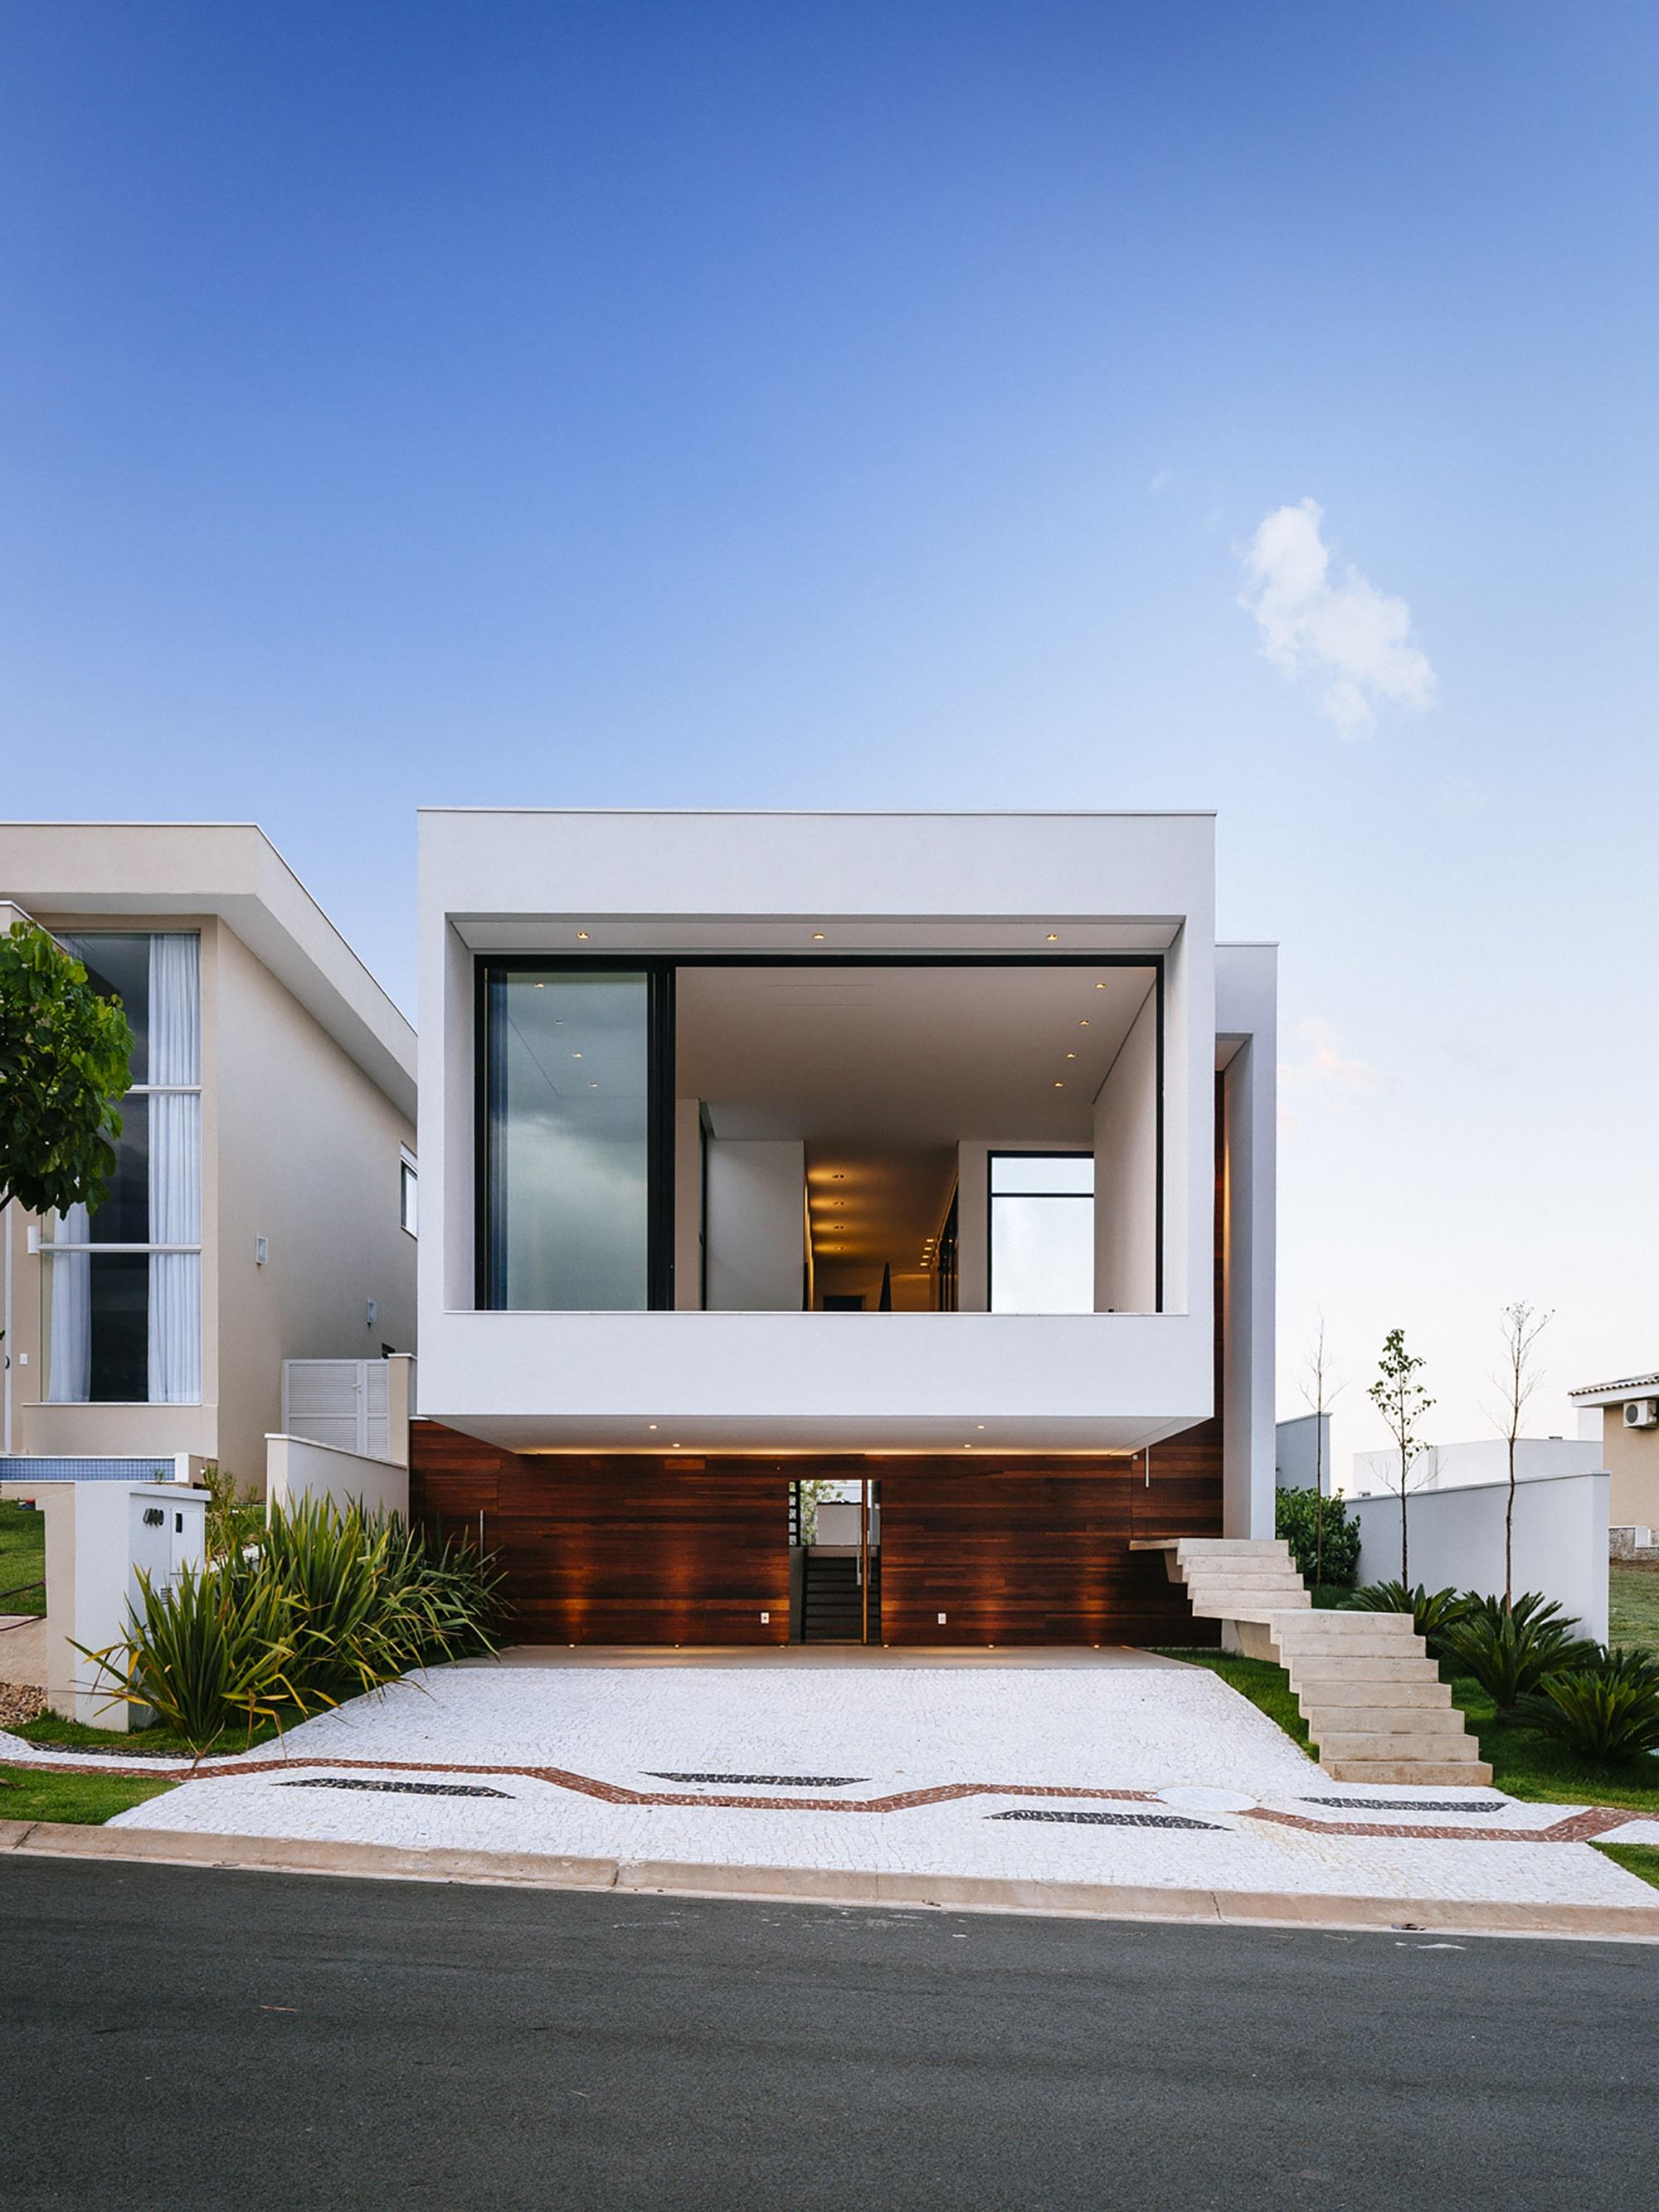 Dise o de moderna casa de dos pisos con fachada y planos for Pisos elegantes para casas